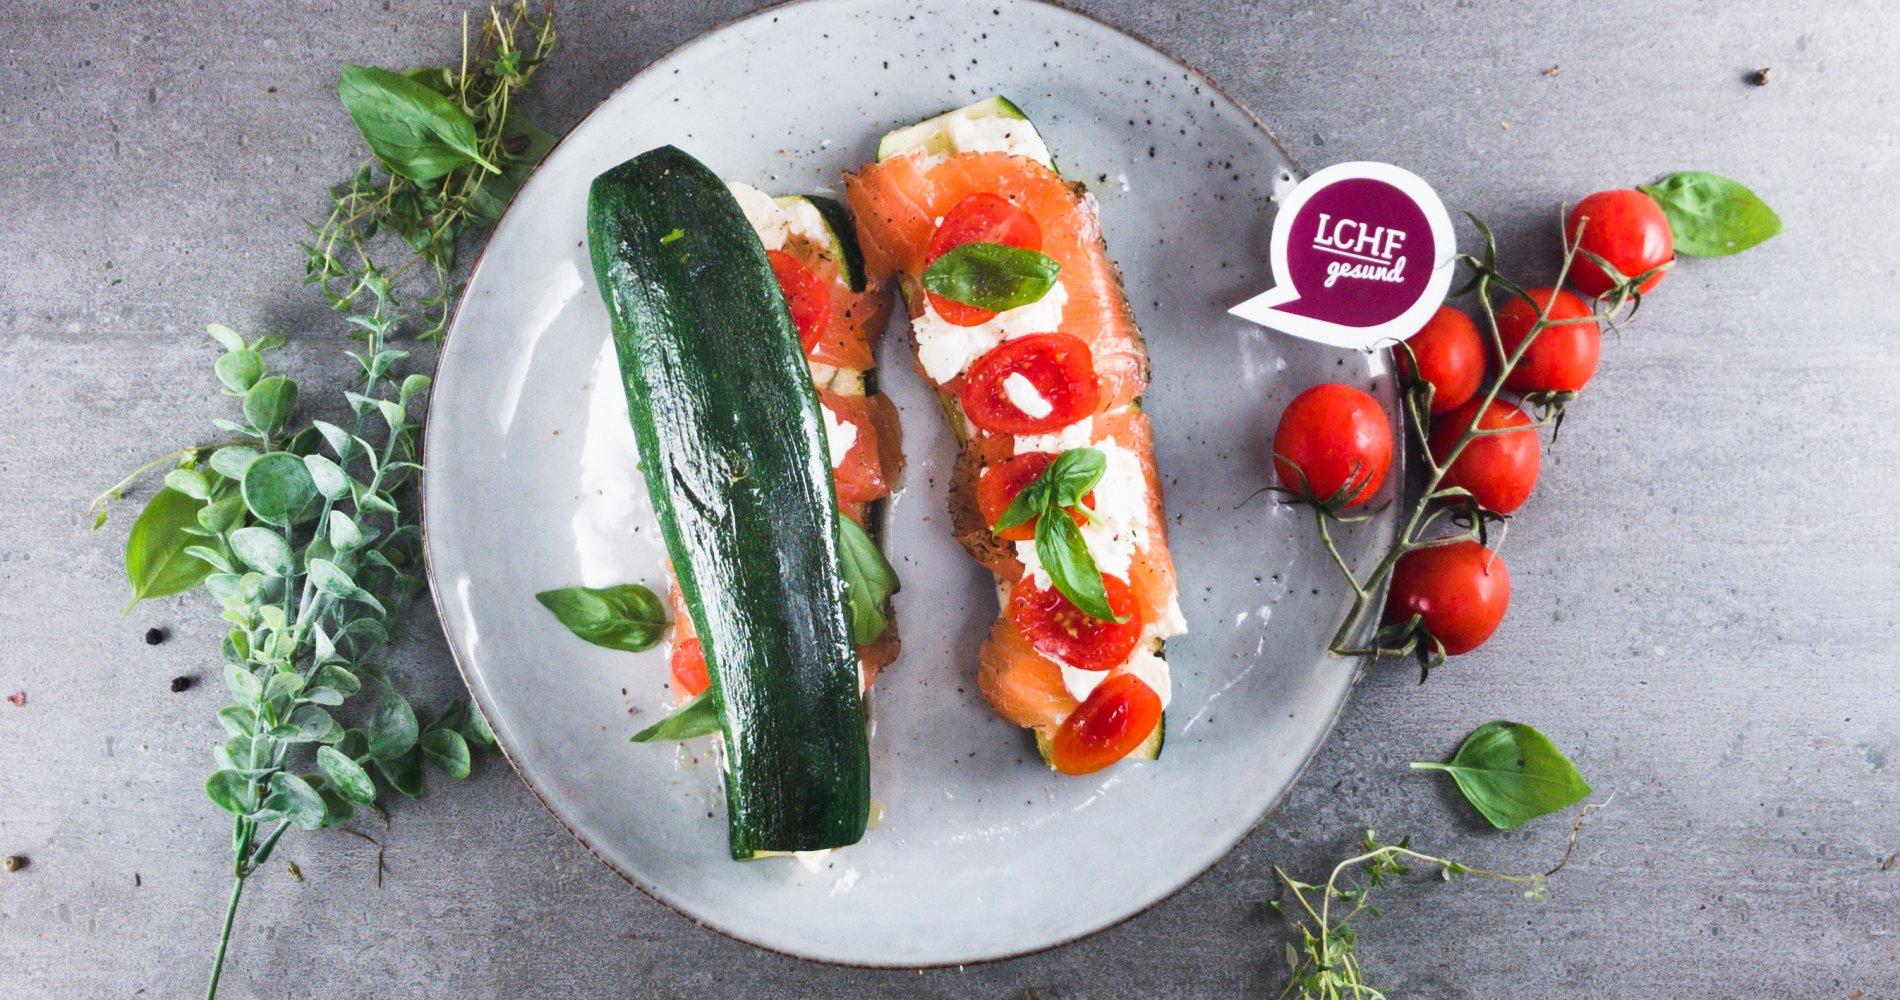 Rezept Low Carb: Zucchini-Sandwich aus der Pfanne - LCHF-gesund.de